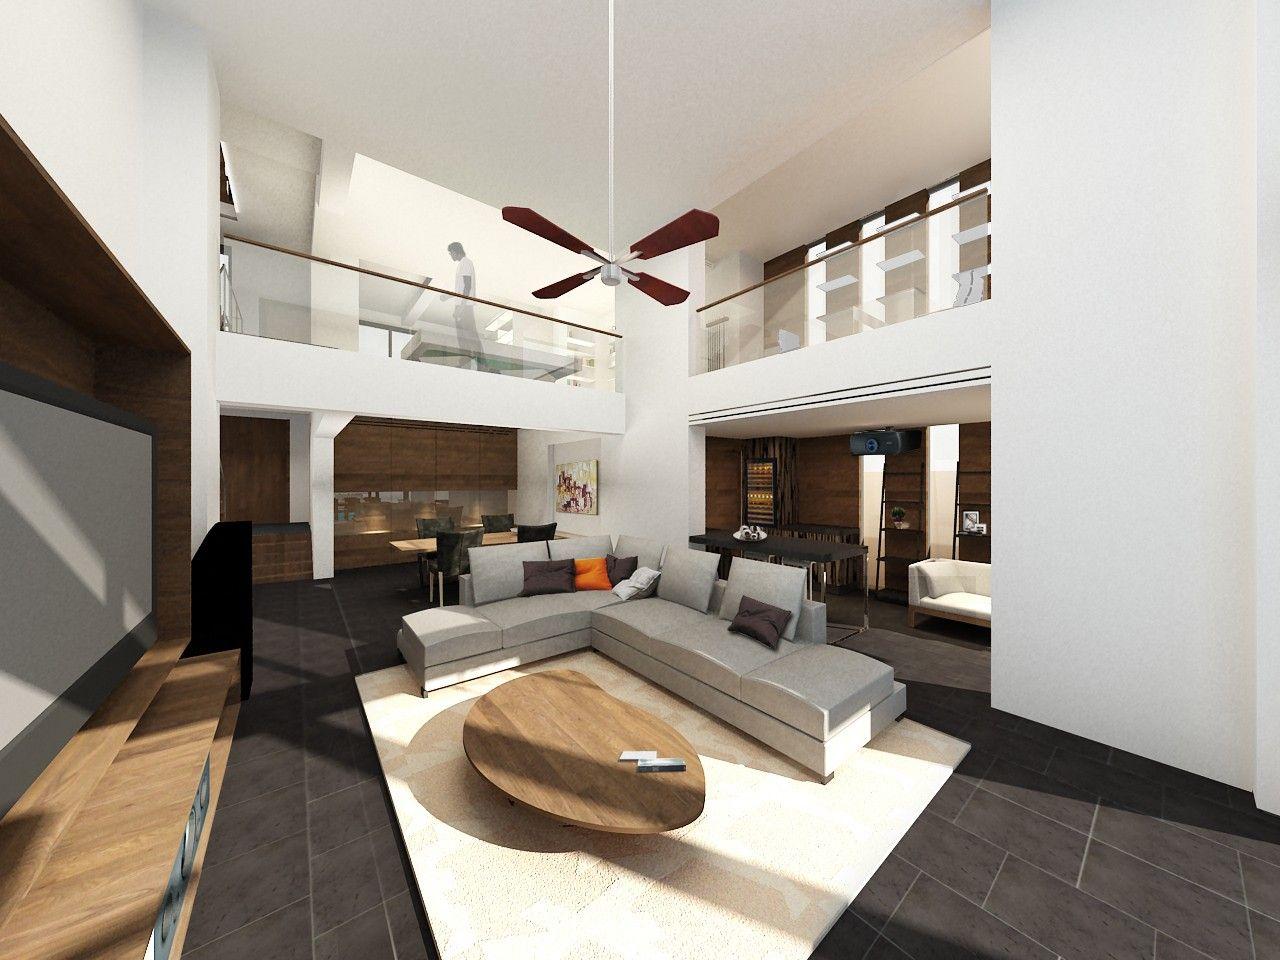 White decor residential interior design hong kong interior designer find the best freelance interior designers expertise in small space design at